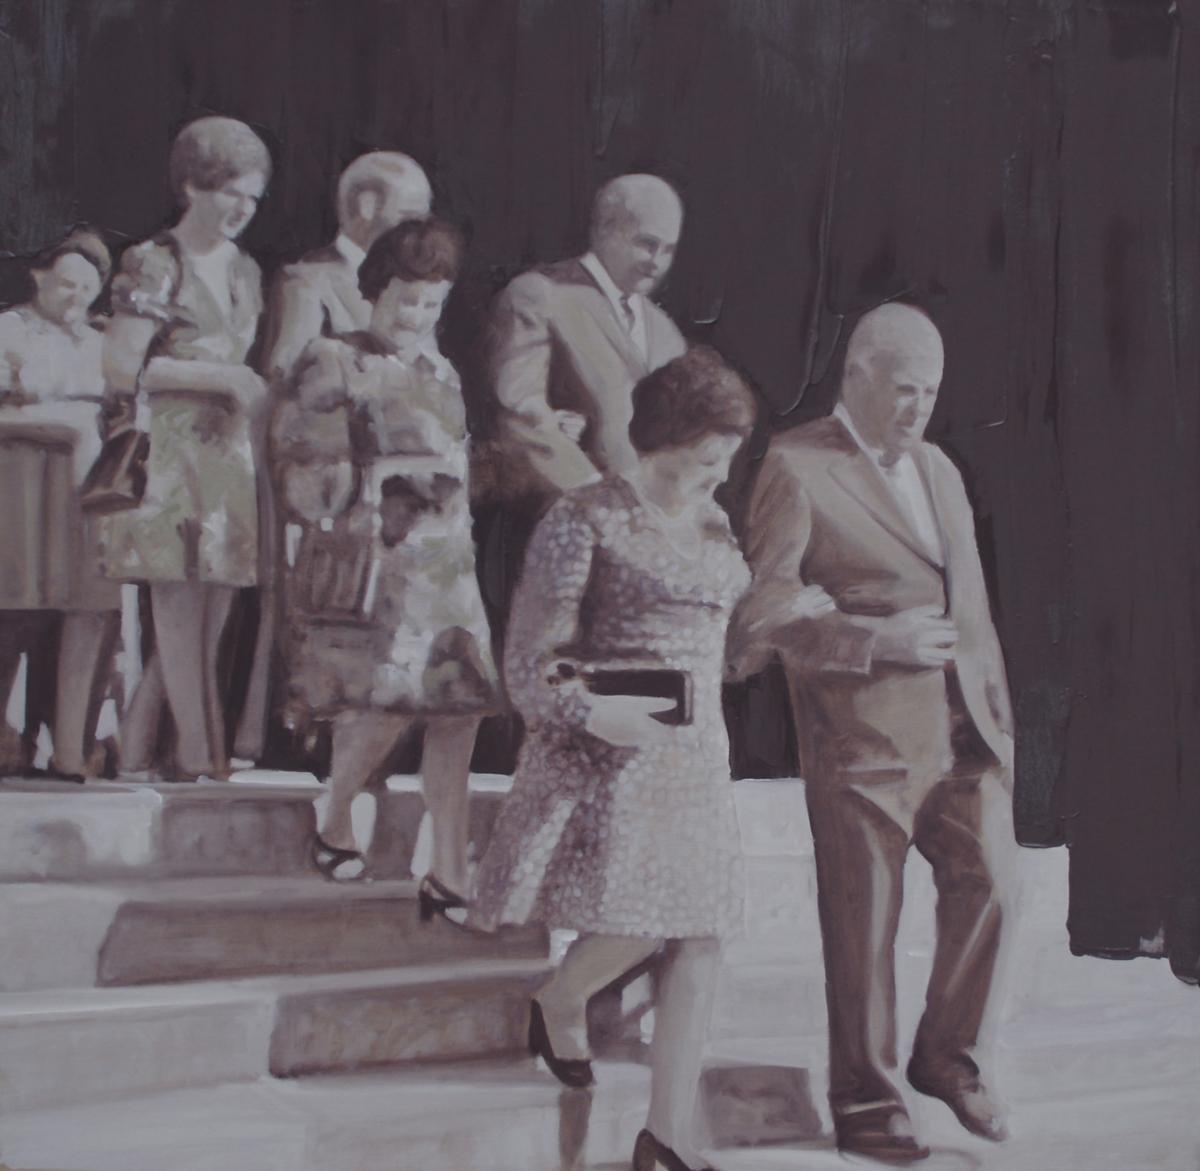 La descente, 2012 Huile sur toile, 110 x 110 cm ©Vincent Ruffin